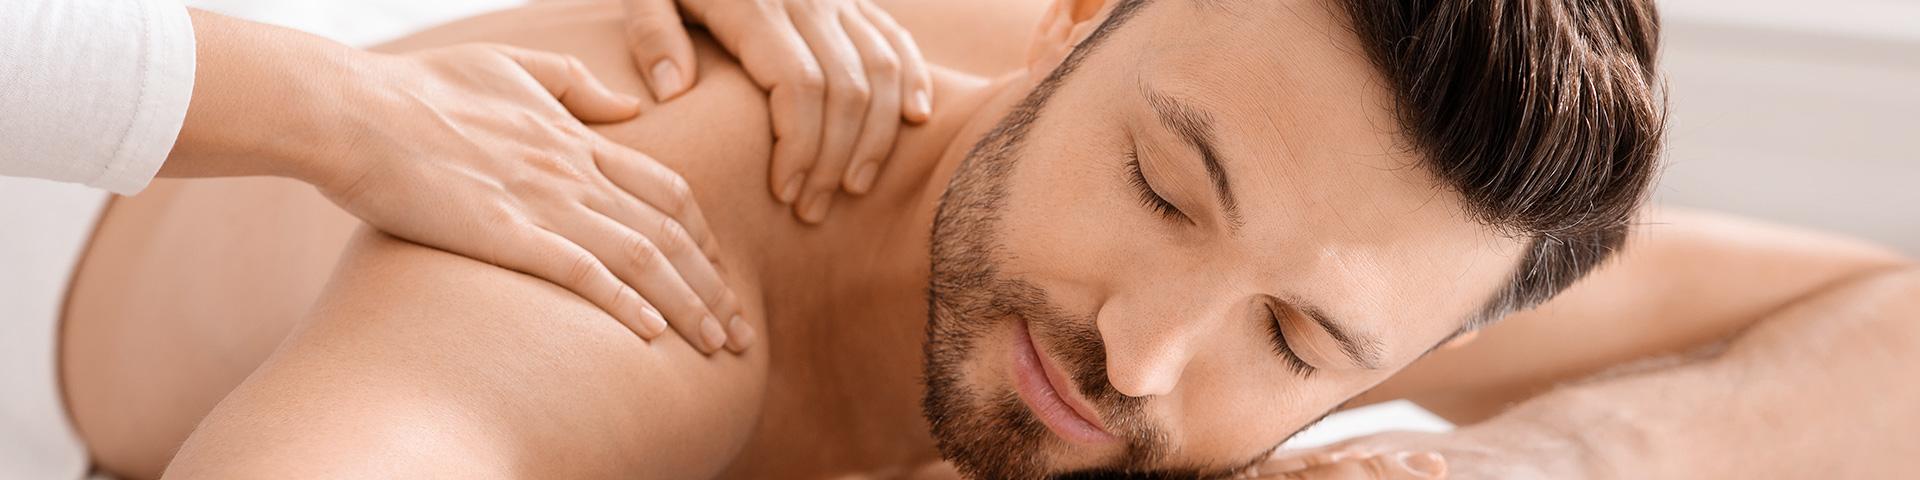 Massage -Junger Mann mit Bart liegt entspannt am Bauch. Er wird an der Schulter massiert